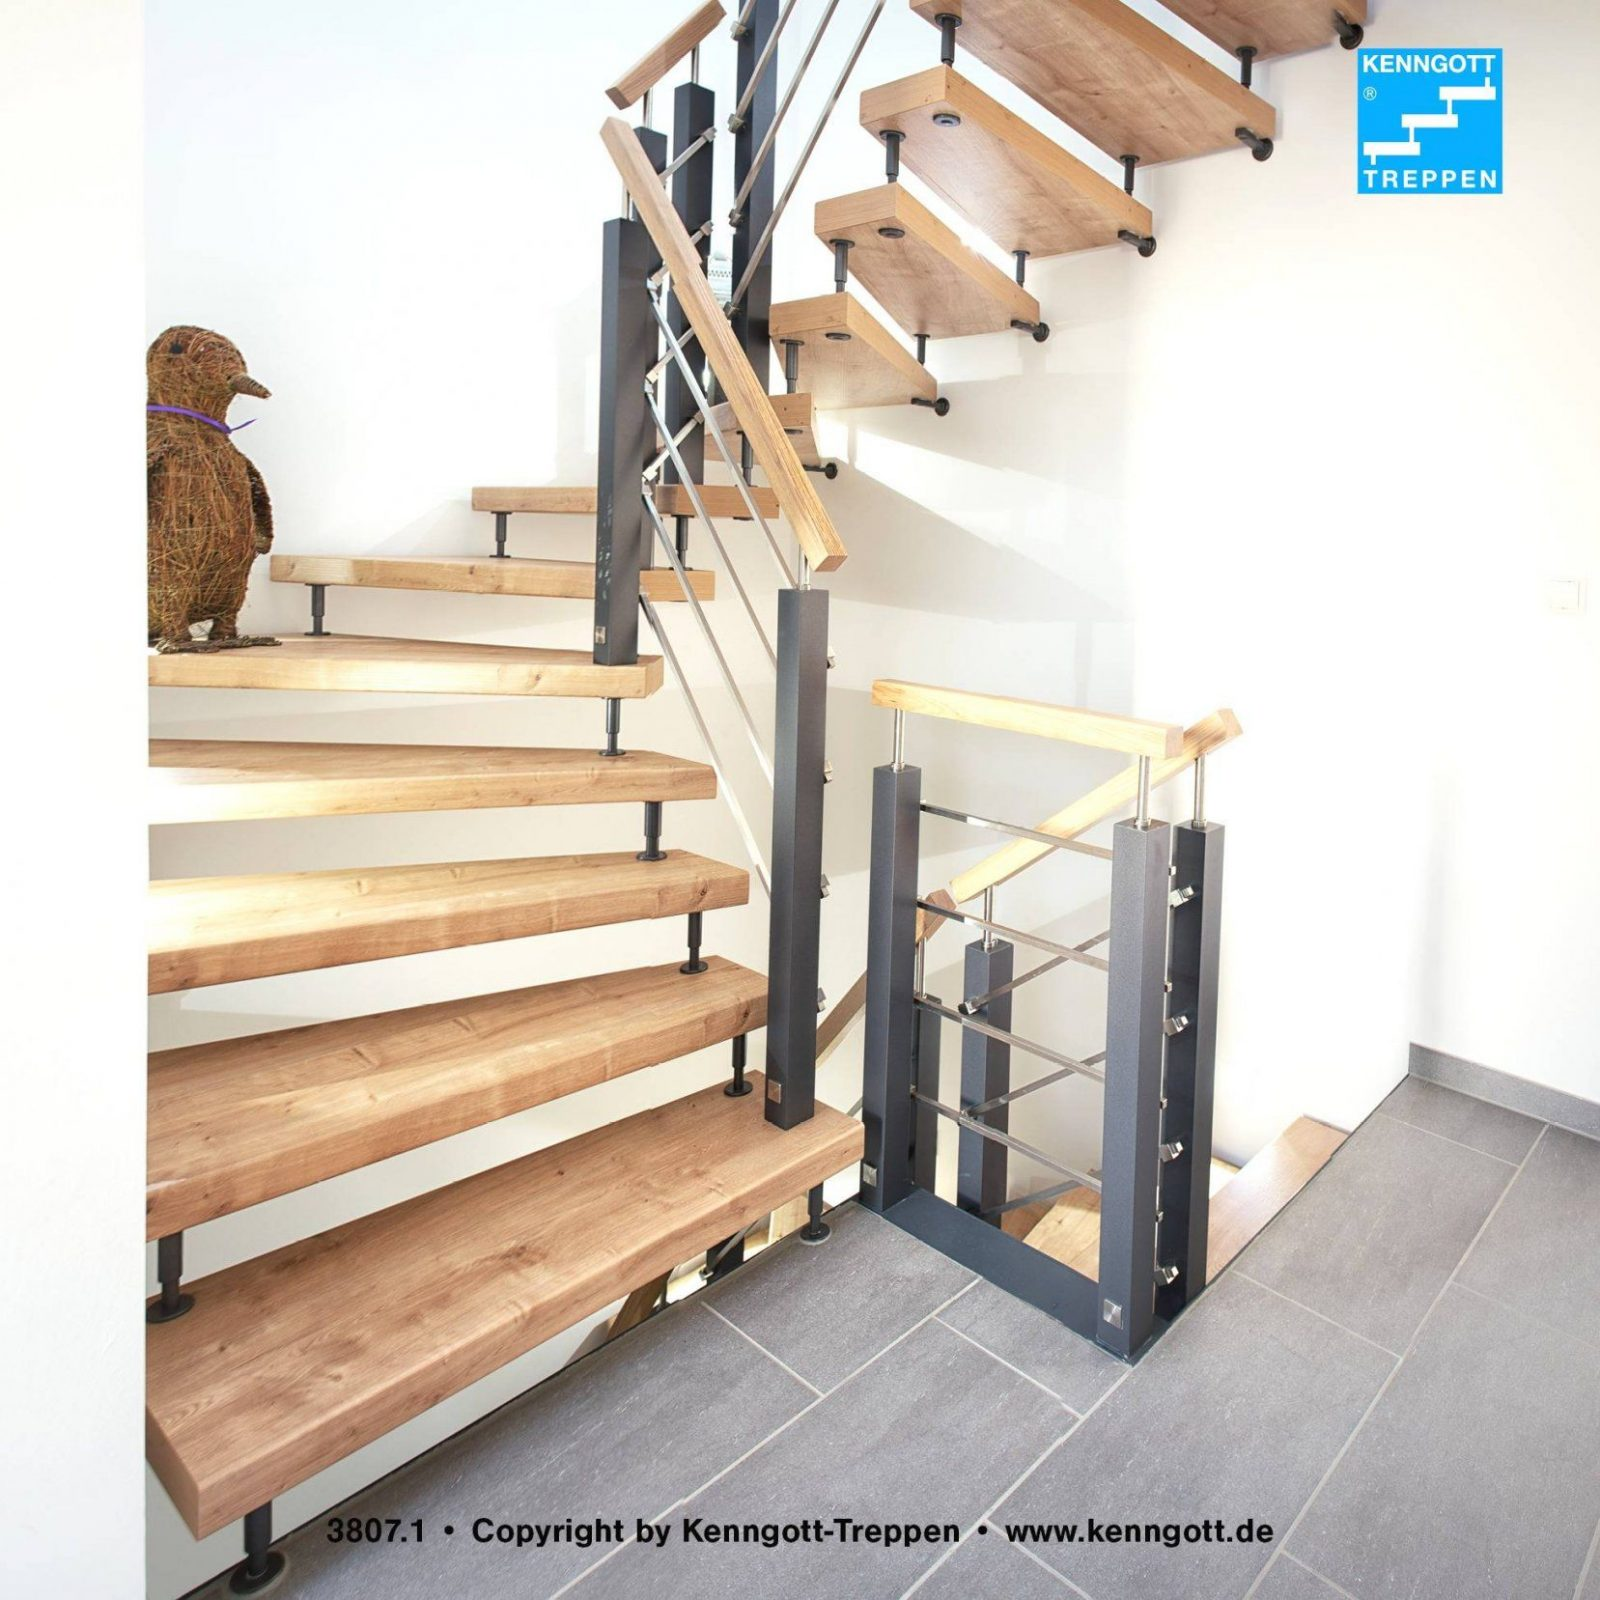 treppe bauen holz awesome treppen selber bauen holzstufen with treppen selber bauen setzen with. Black Bedroom Furniture Sets. Home Design Ideas